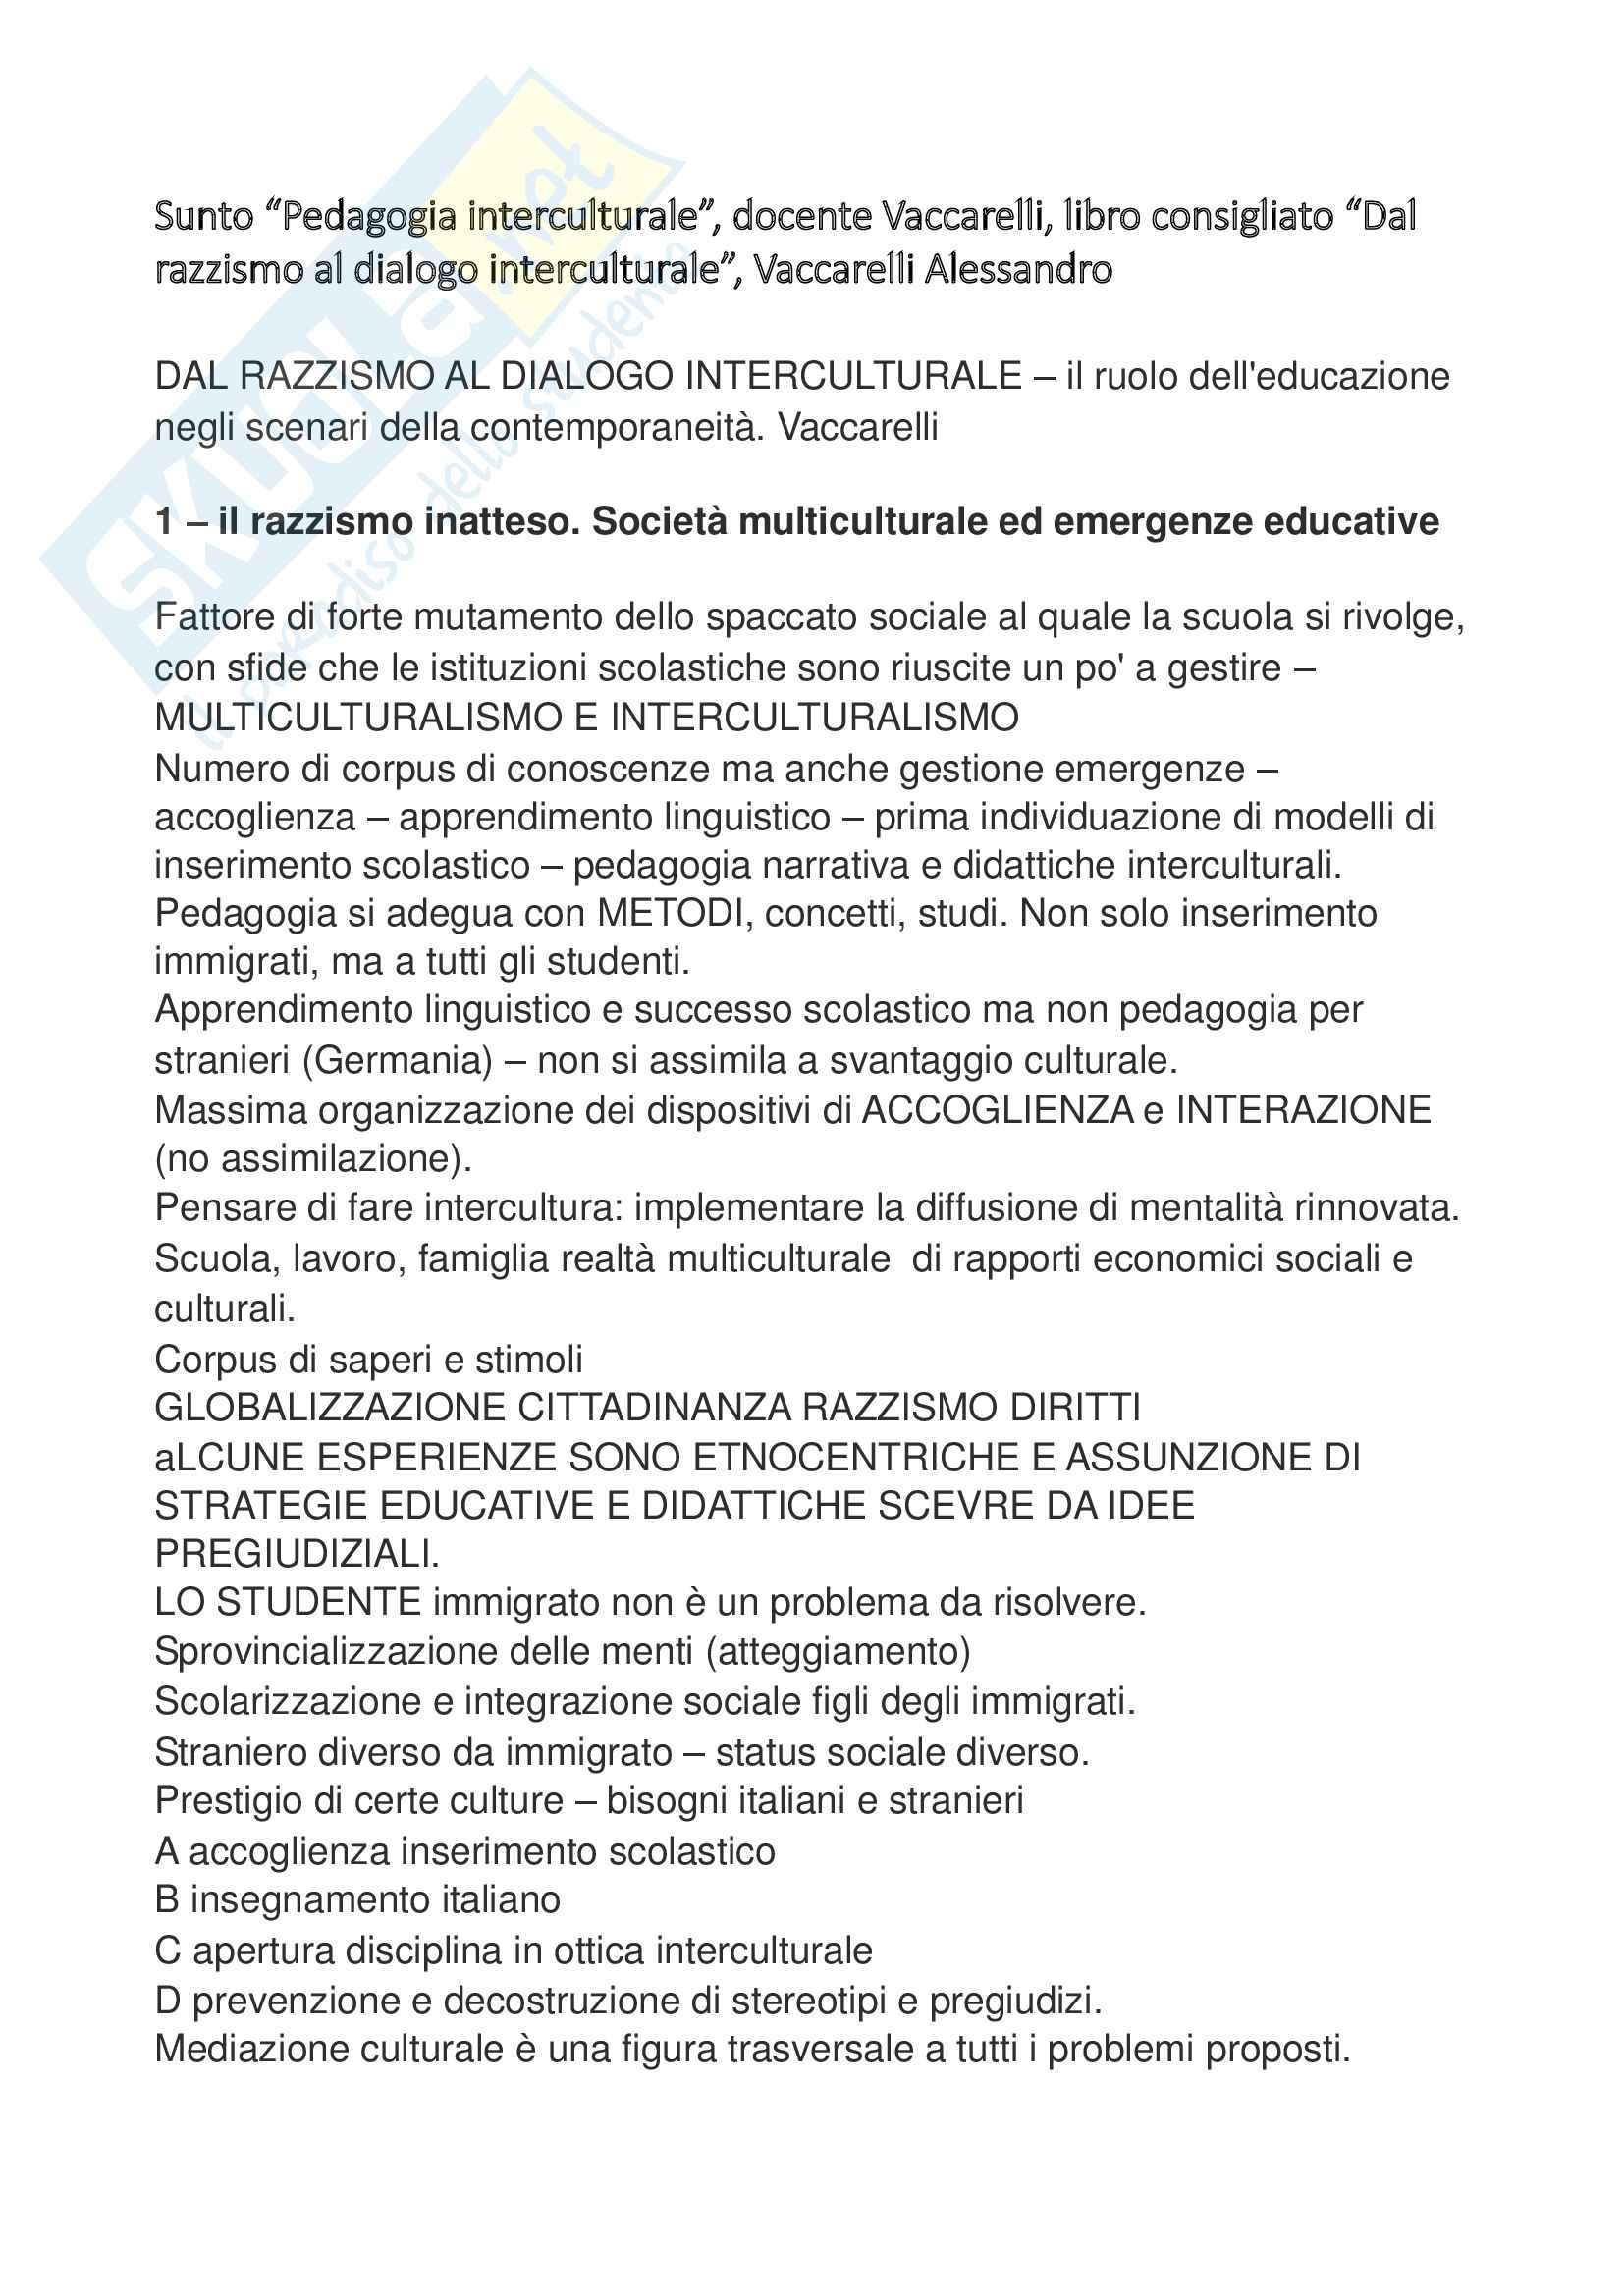 """Riassunto esame """"Pedagogia interculturale"""", docente Vaccarelli, libro consigliato """"Dal razzismo al dialogo interculturale"""", Vaccarelli Alessandro"""